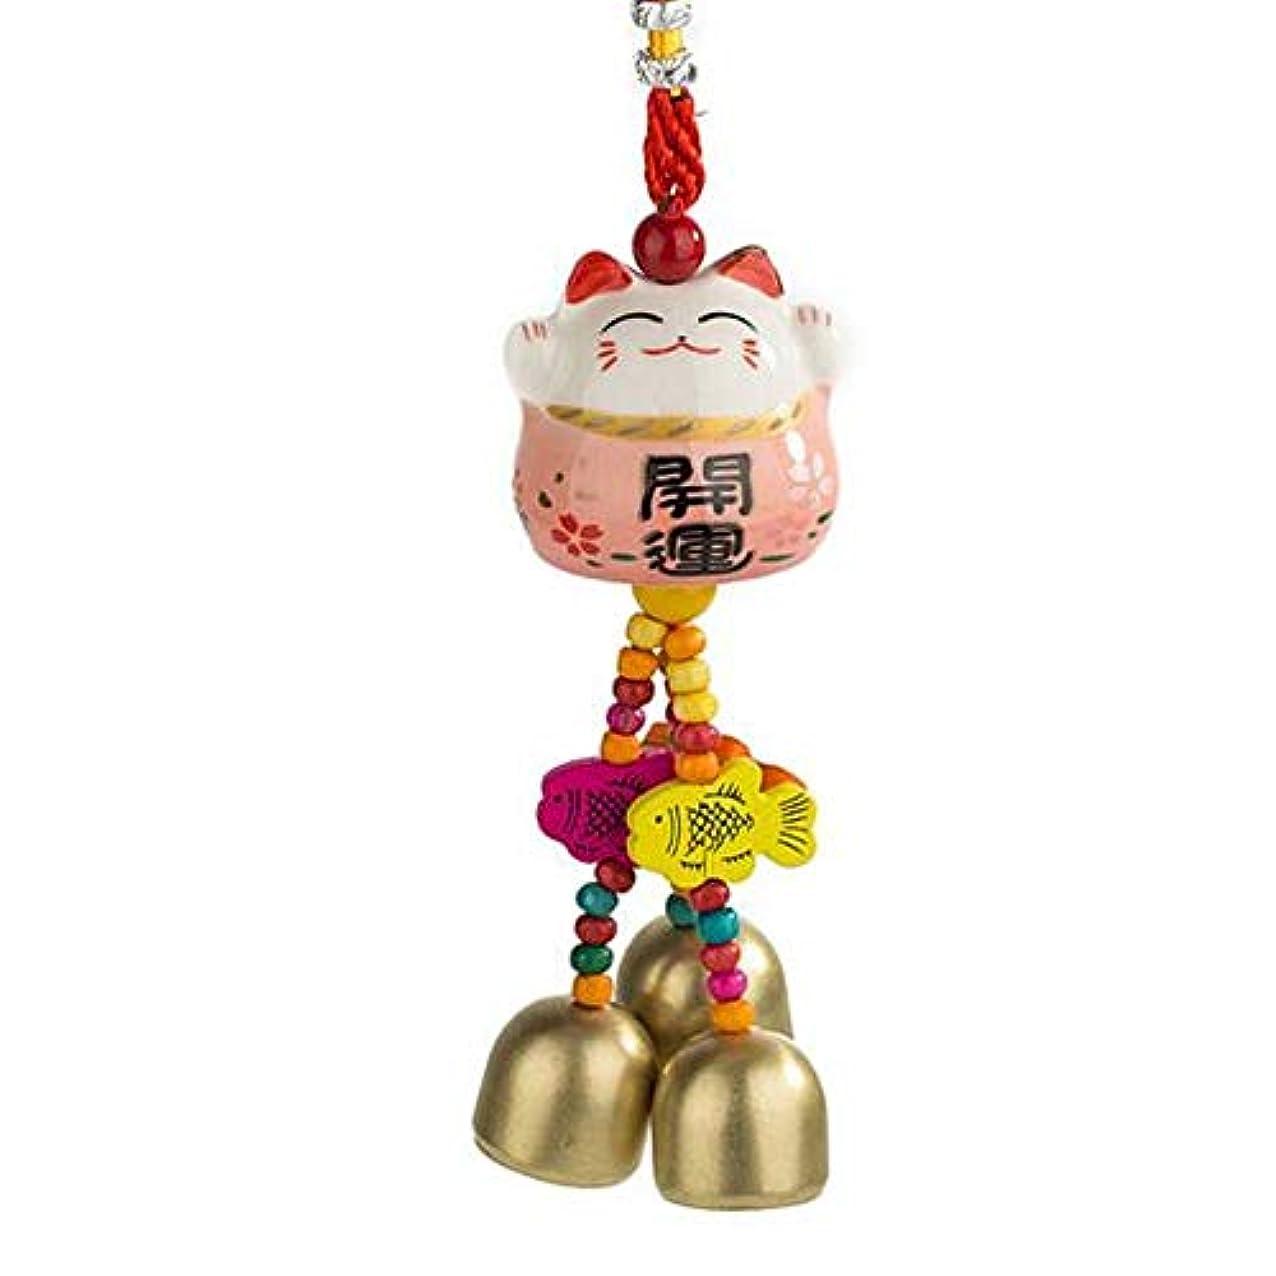 寮ポスト印象派インセンティブAishanghuayi 風チャイム、かわいいクリエイティブセラミック猫風の鐘、グリーン、長い28センチメートル,ファッションオーナメント (Color : Pink)